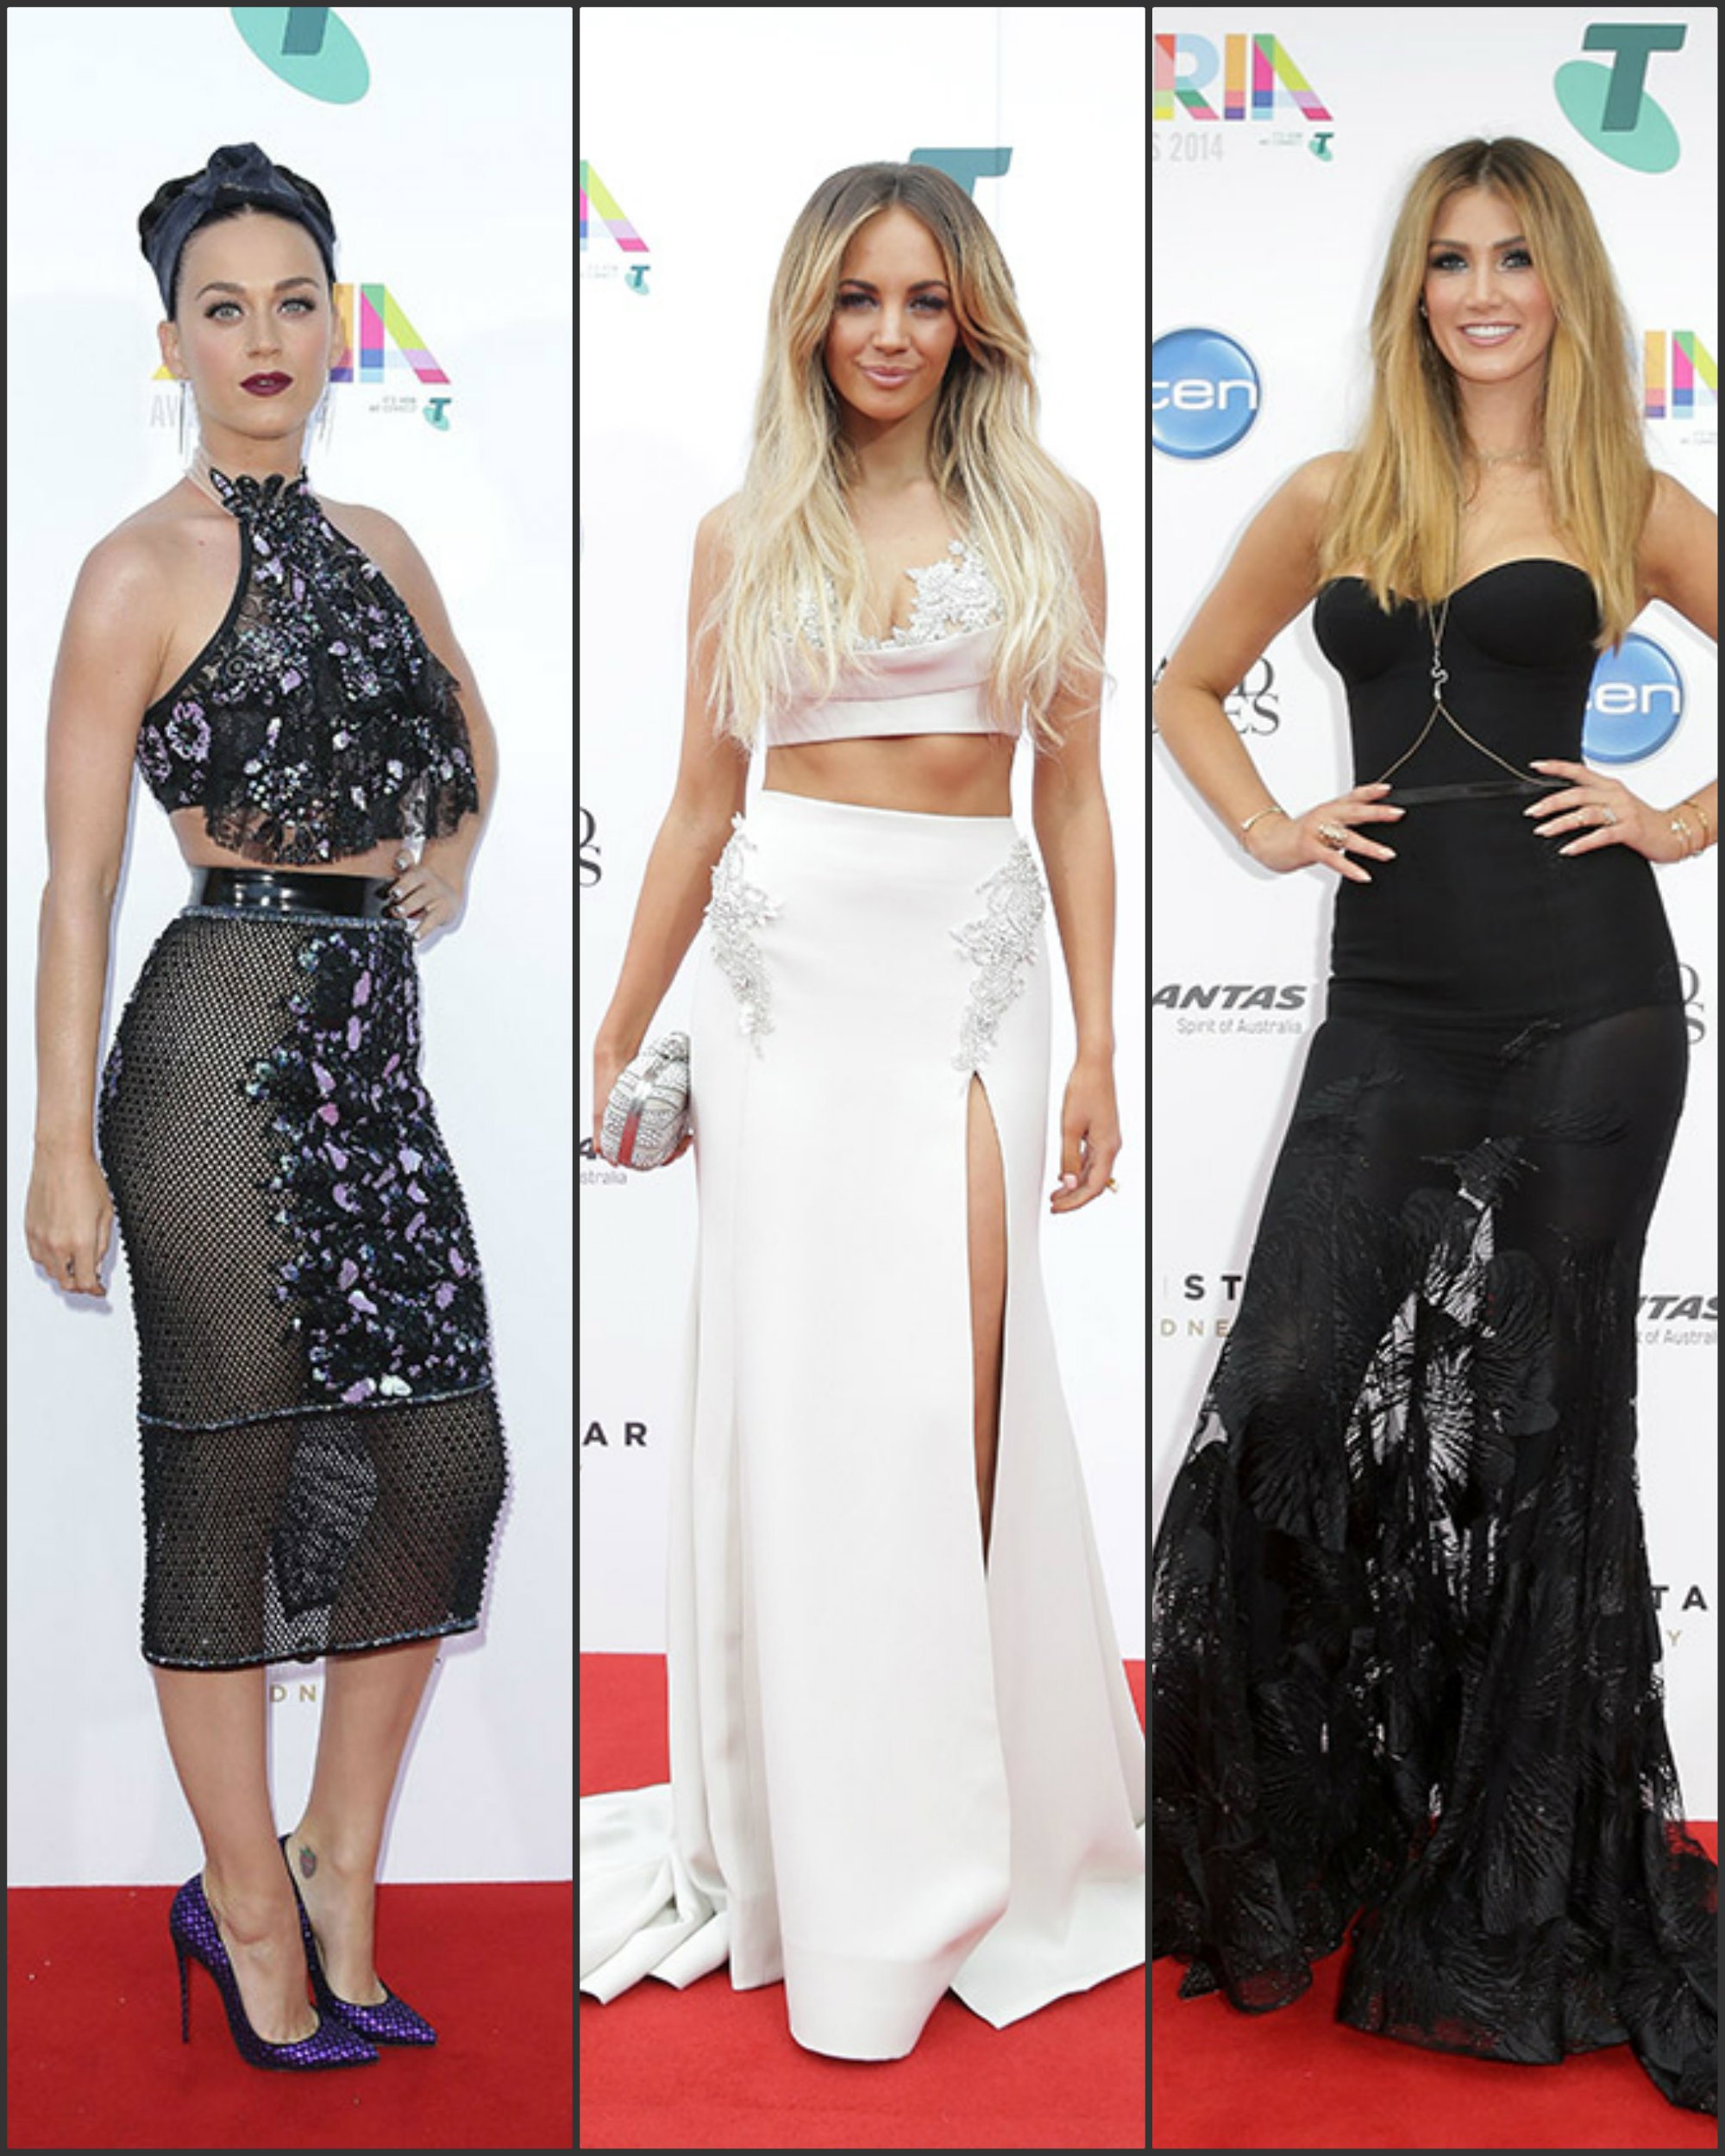 The-2014-Aria-Awards-Redcarpet